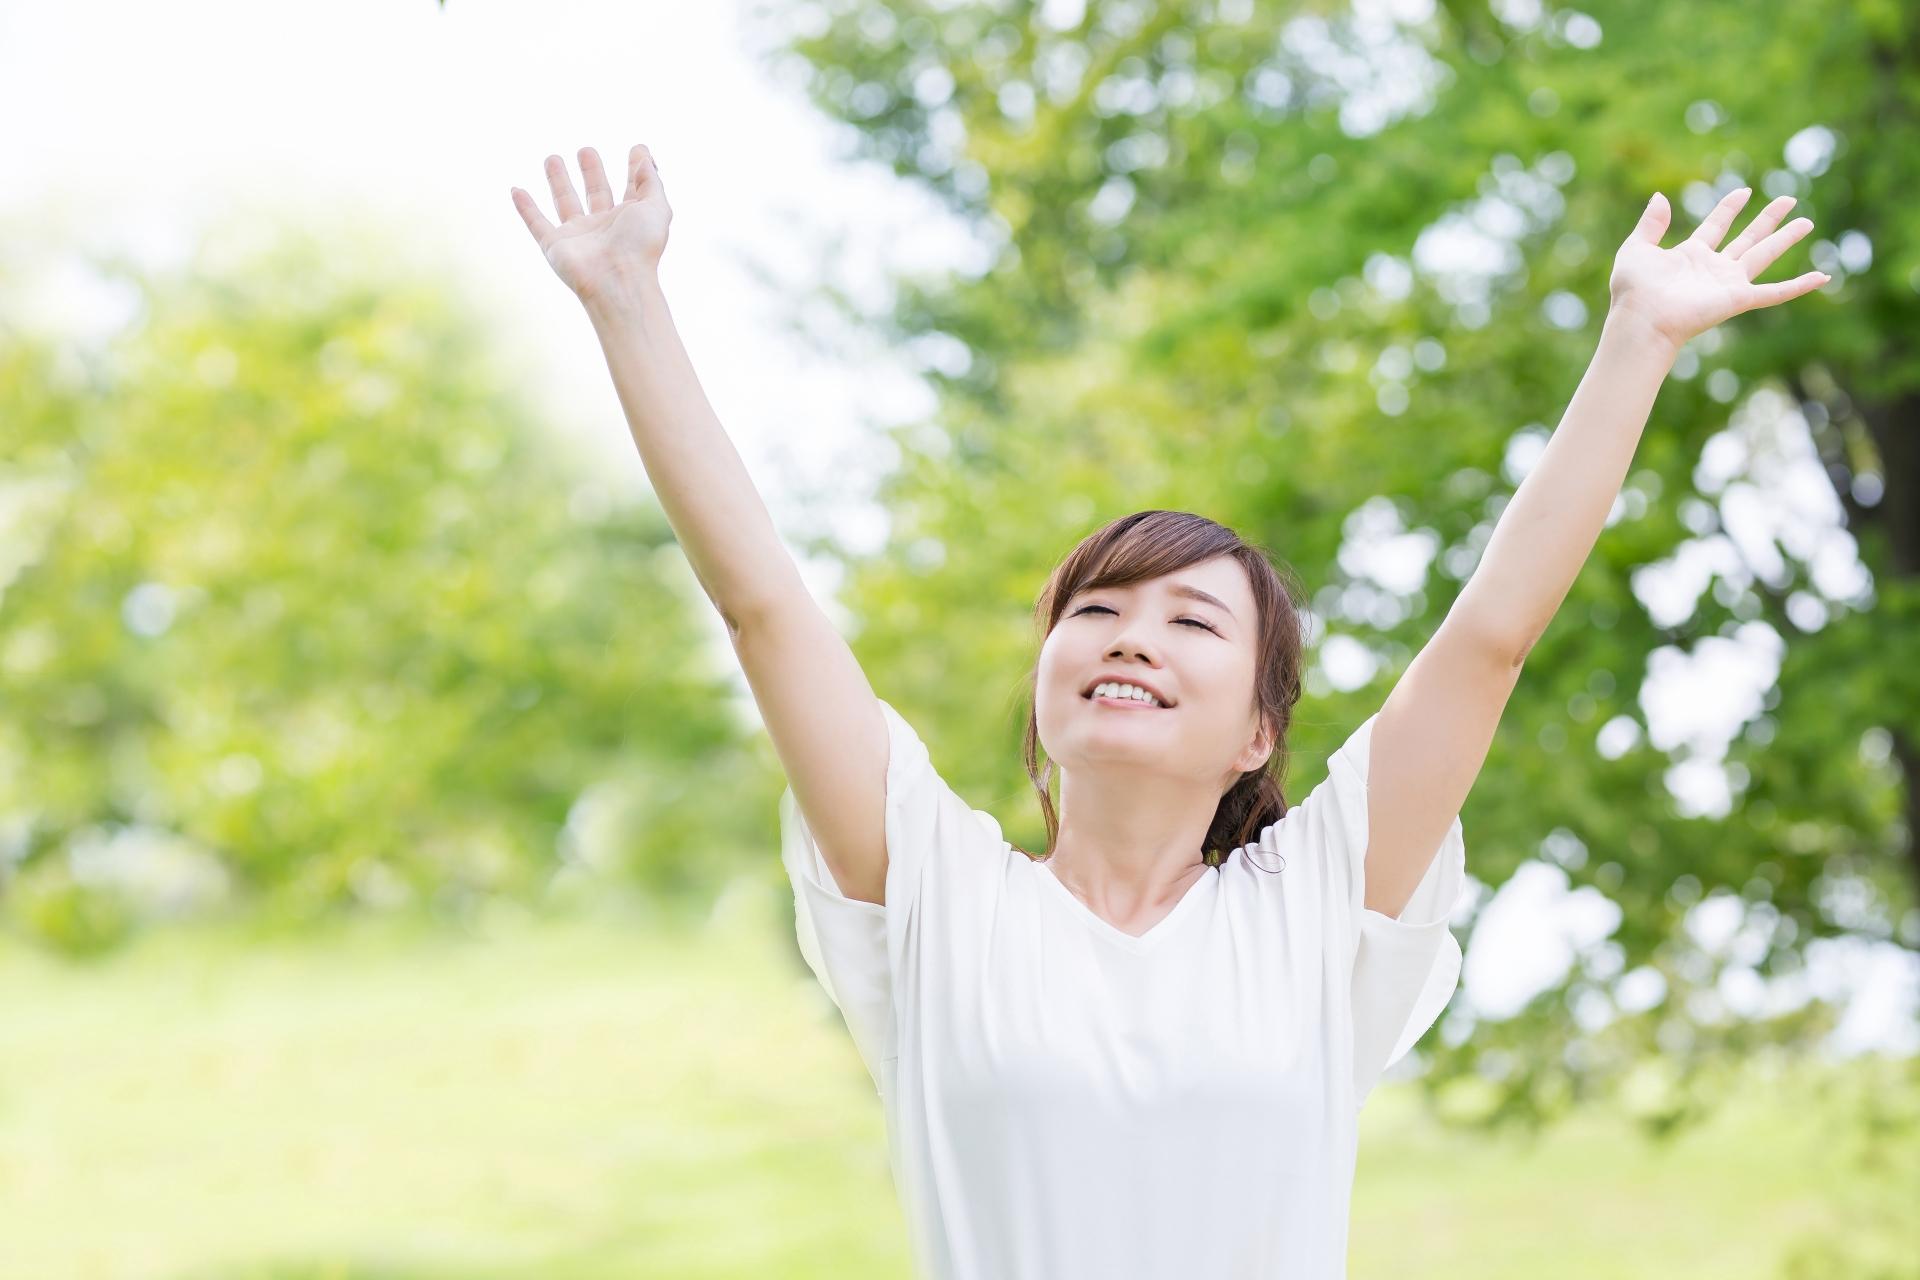 繰り返す慢性蓄膿症(慢性副鼻腔炎)の体質改善/すっきりした鼻呼吸を可能に